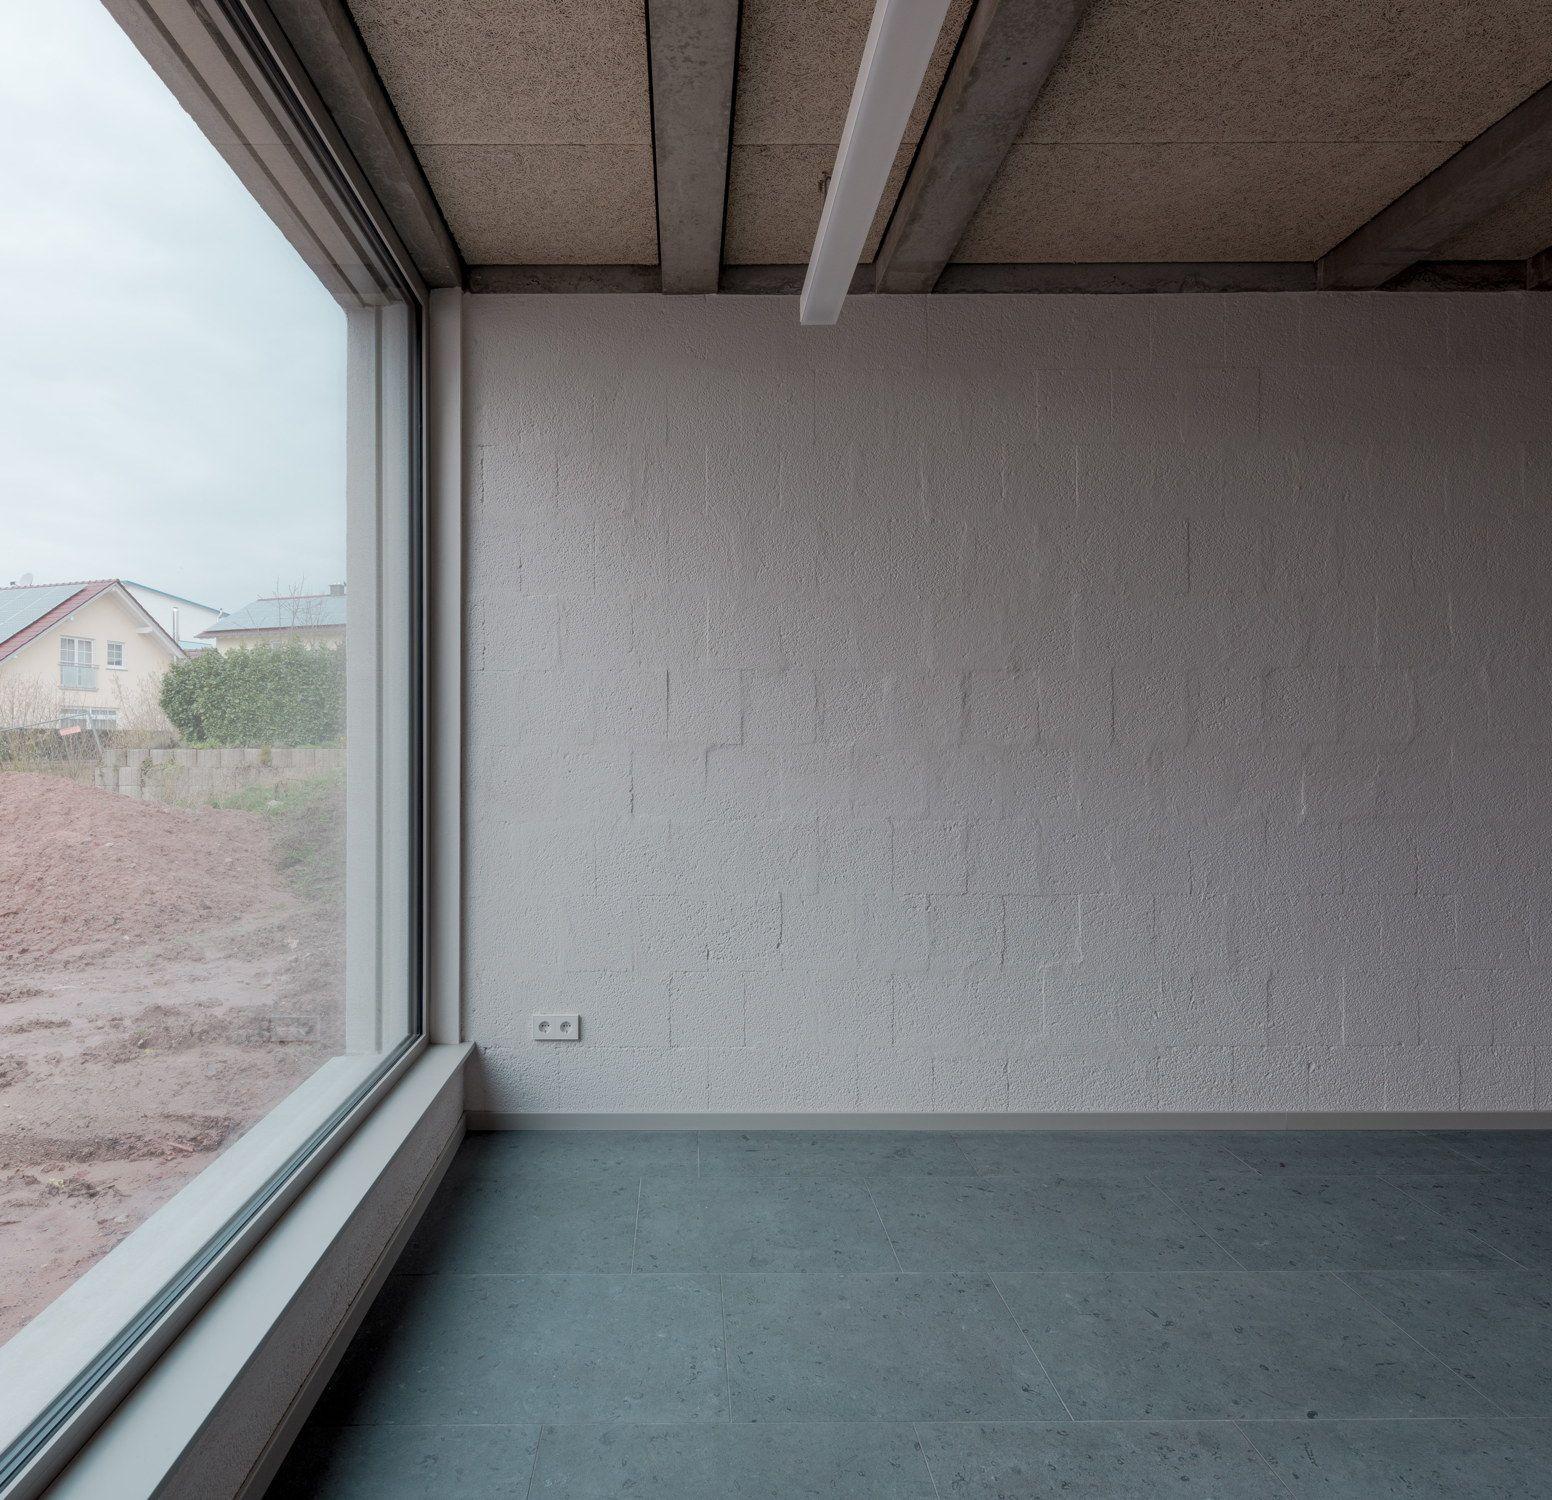 Beten Unter Betonschalen Gemeindehaus In Kaiserslautern Von Bayer Strobel Architekten Architekt Architektur Gunstig Bauen